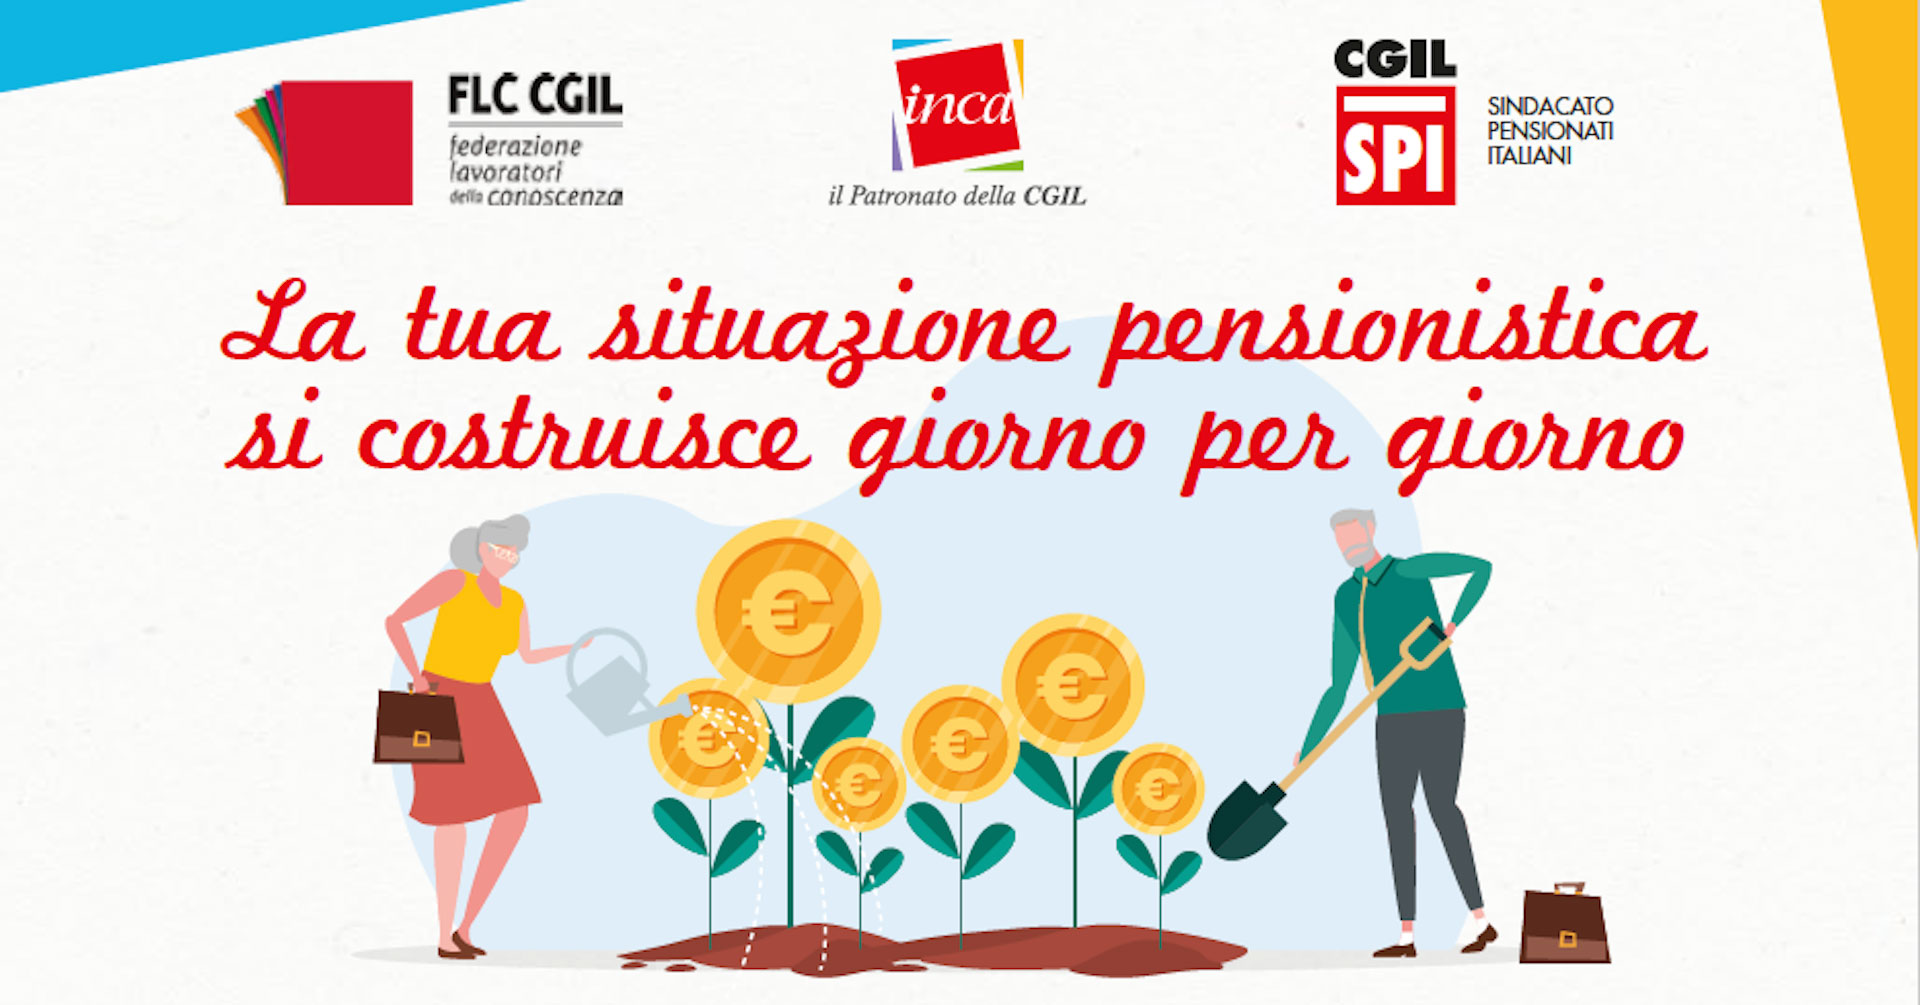 FLC CGIL NAPOLI: Assemblea informativa online sulle Pensioni – lunedì 1 marzo  2021 – ore 15.30